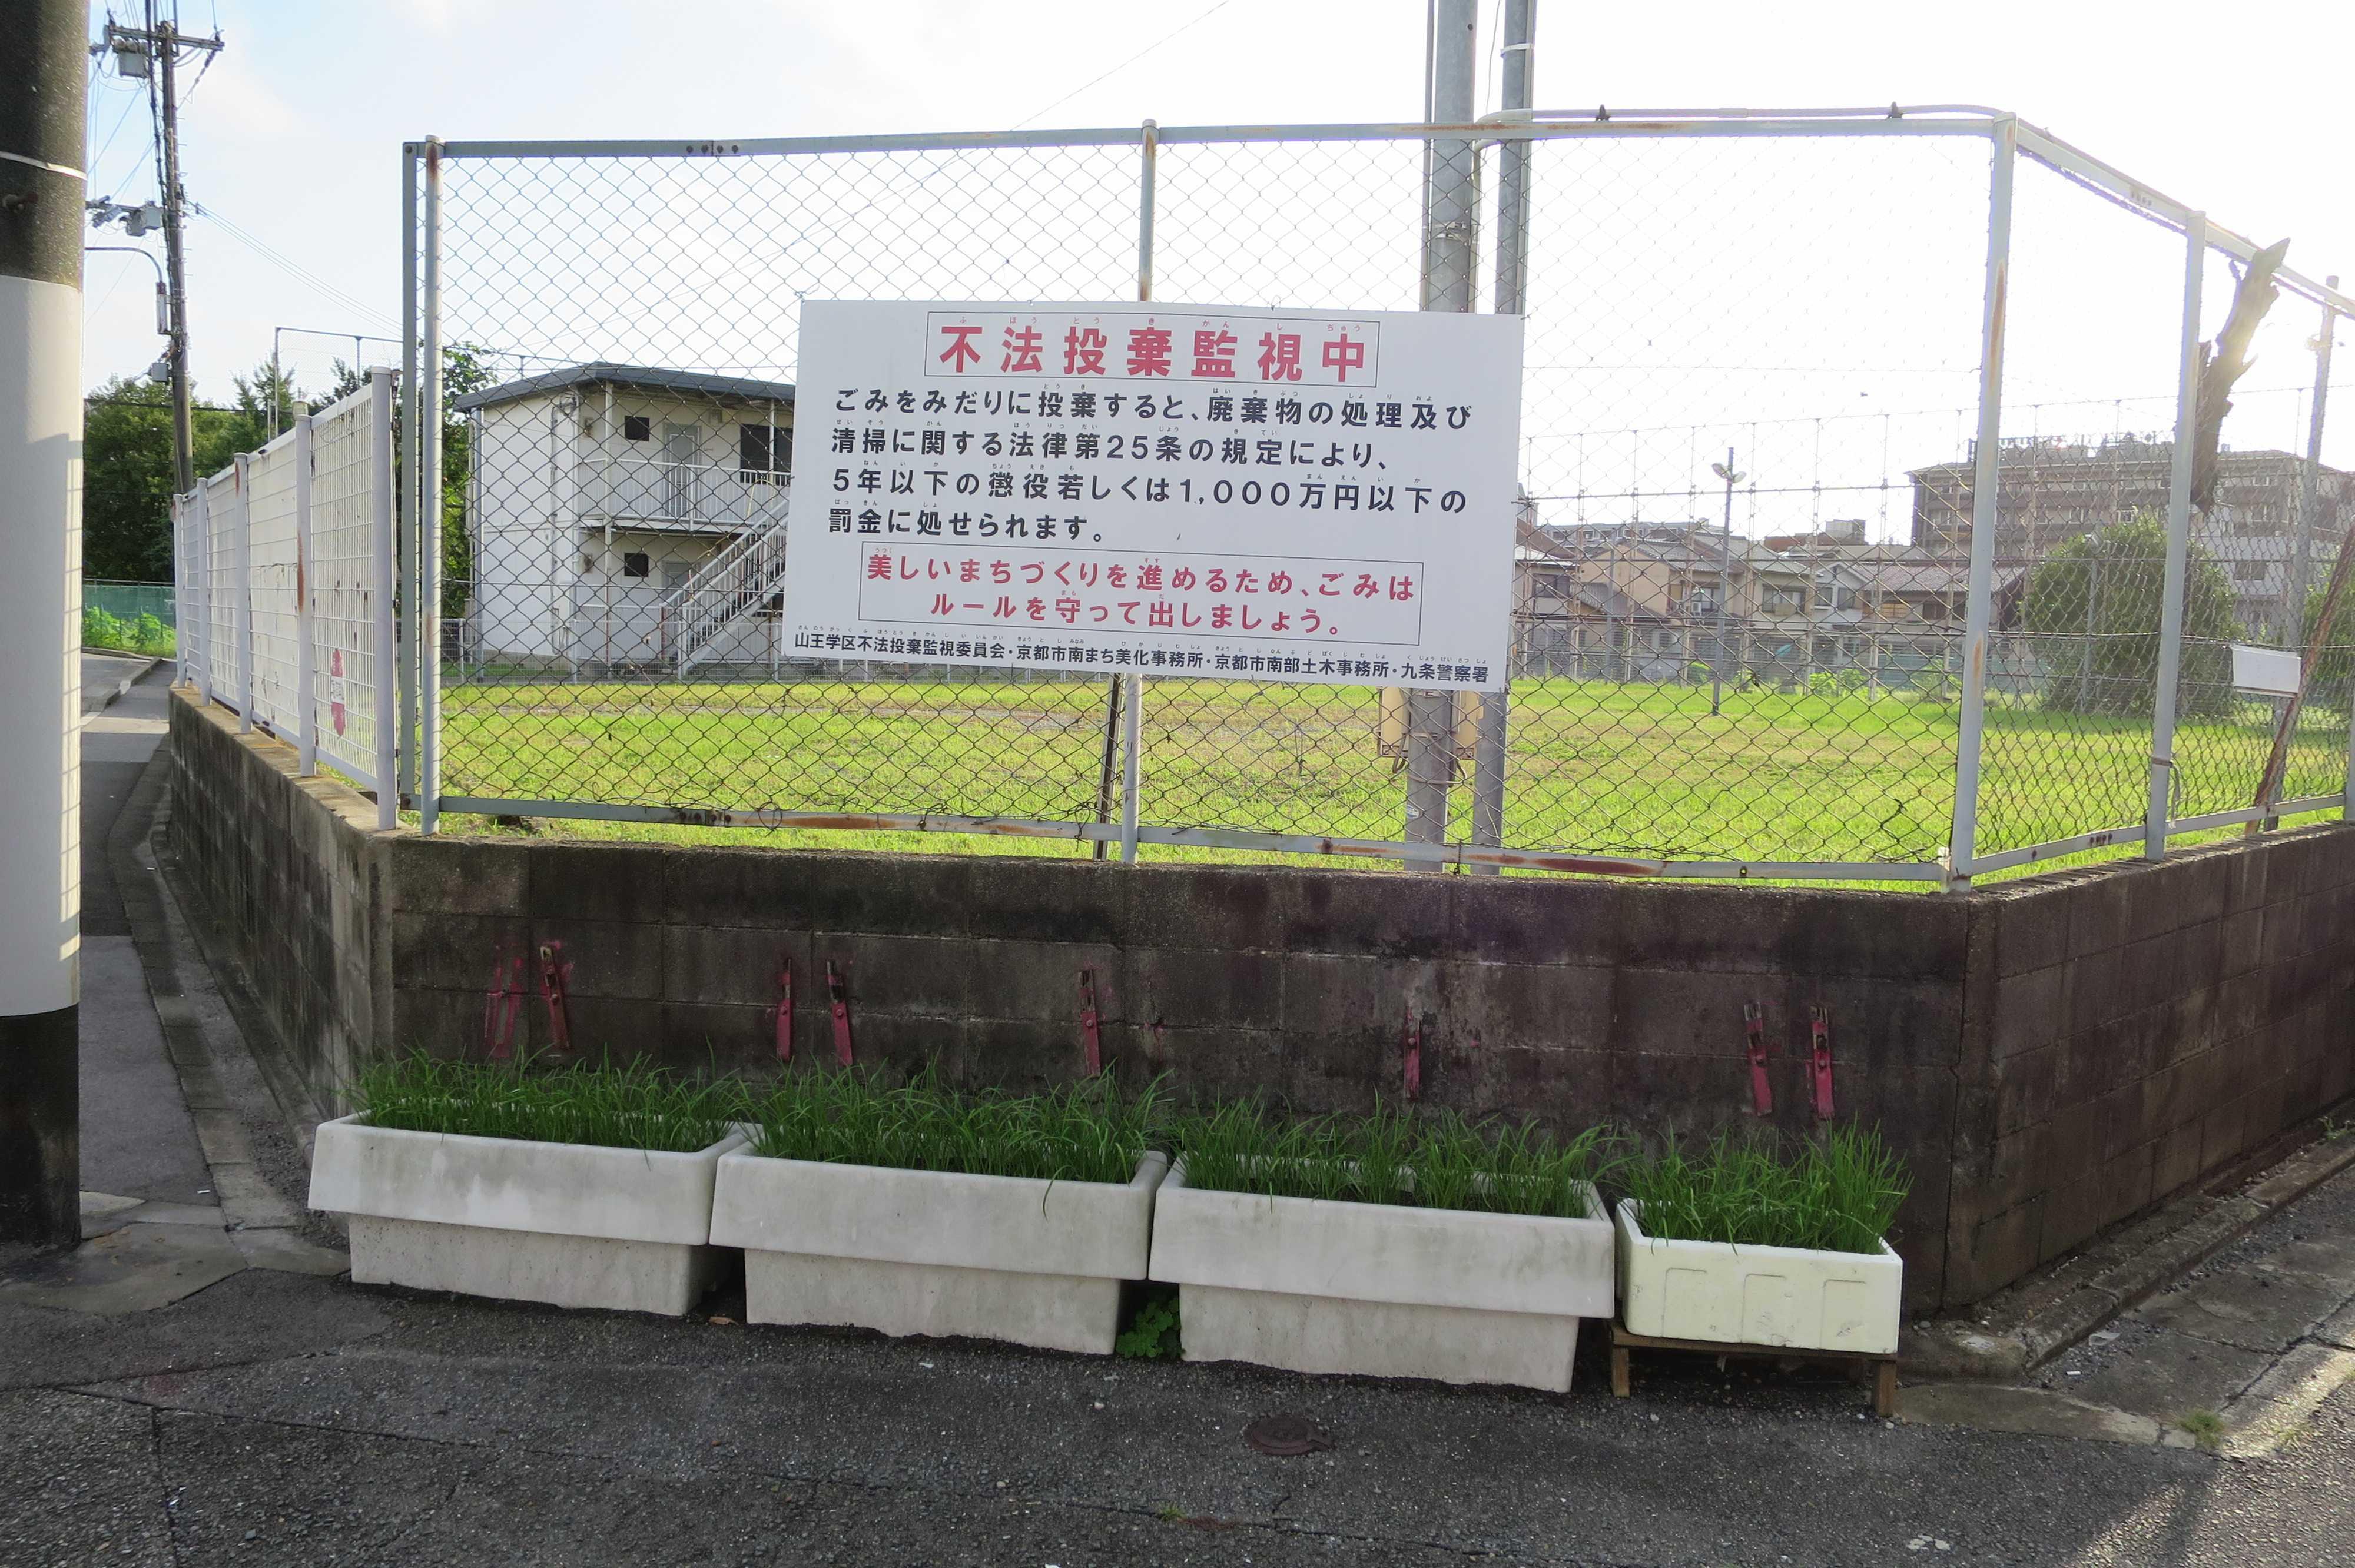 京都・崇仁地区 - 不法投棄監視中